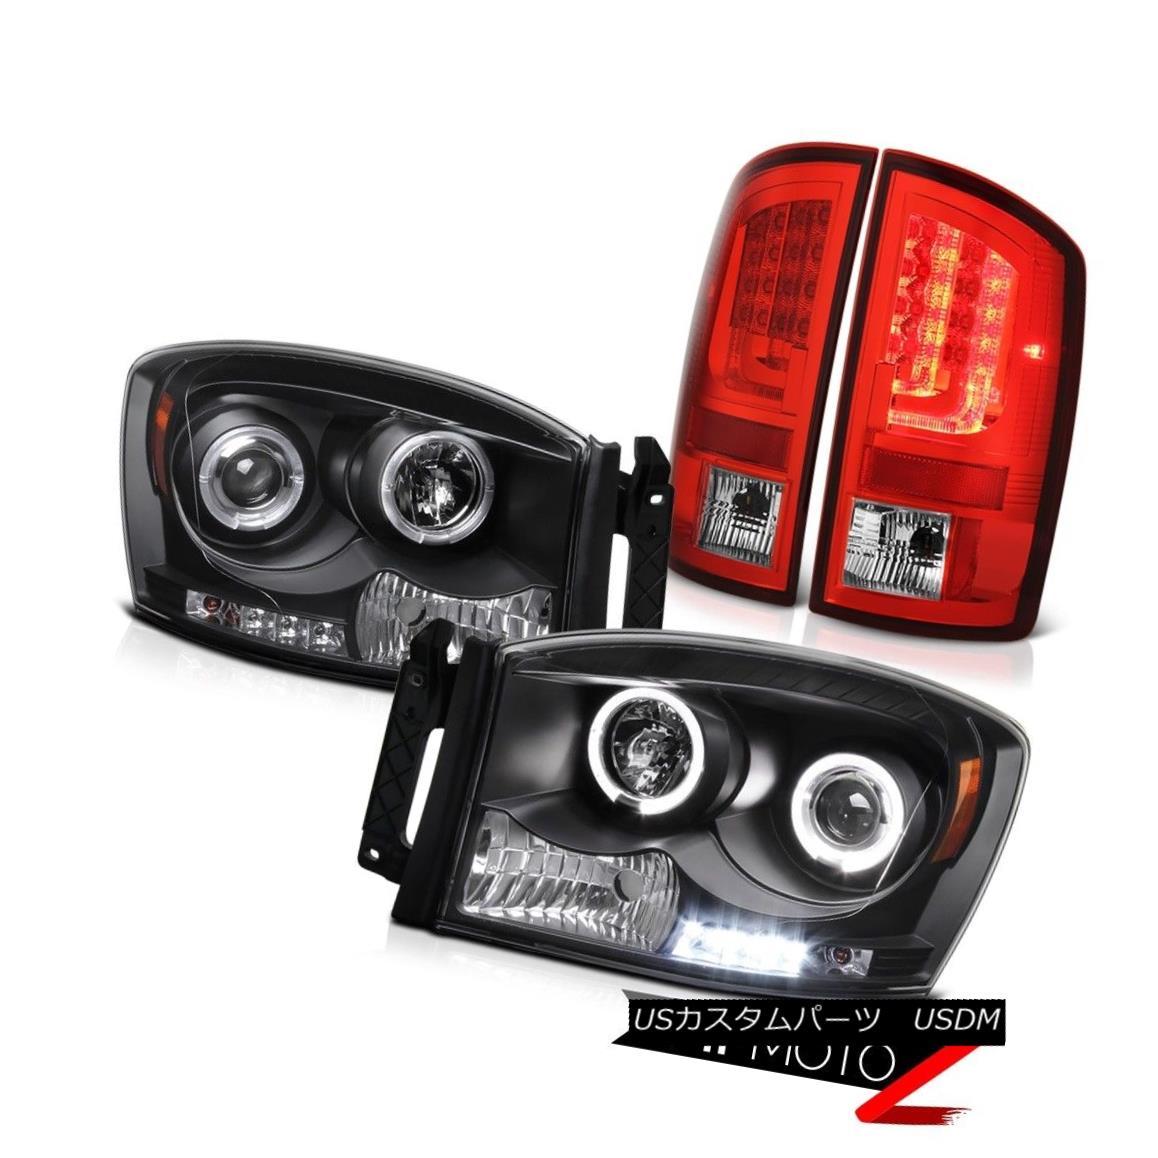 ヘッドライト 2006 Ram WS Rosso Red Tail Brake Lamps Black Headlamps Light Bar LED Dual Halo 2006 Ram WS RossoレッドテールブレーキランプブラックヘッドランプライトバーLEDデュアルヘイロー